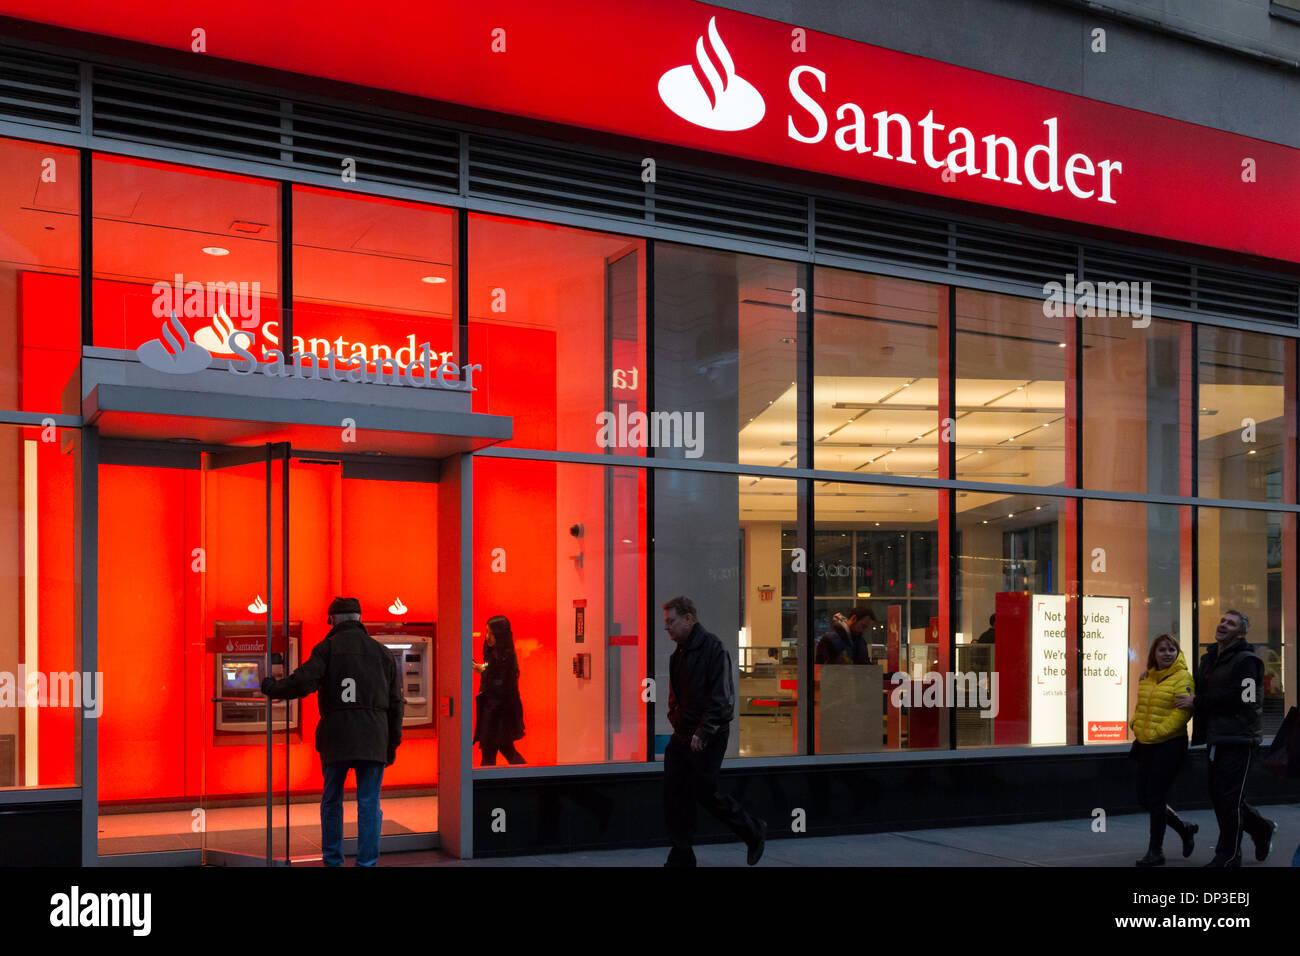 Man Entering Banco Santander Branch Exterior at Dusk, NYC ...